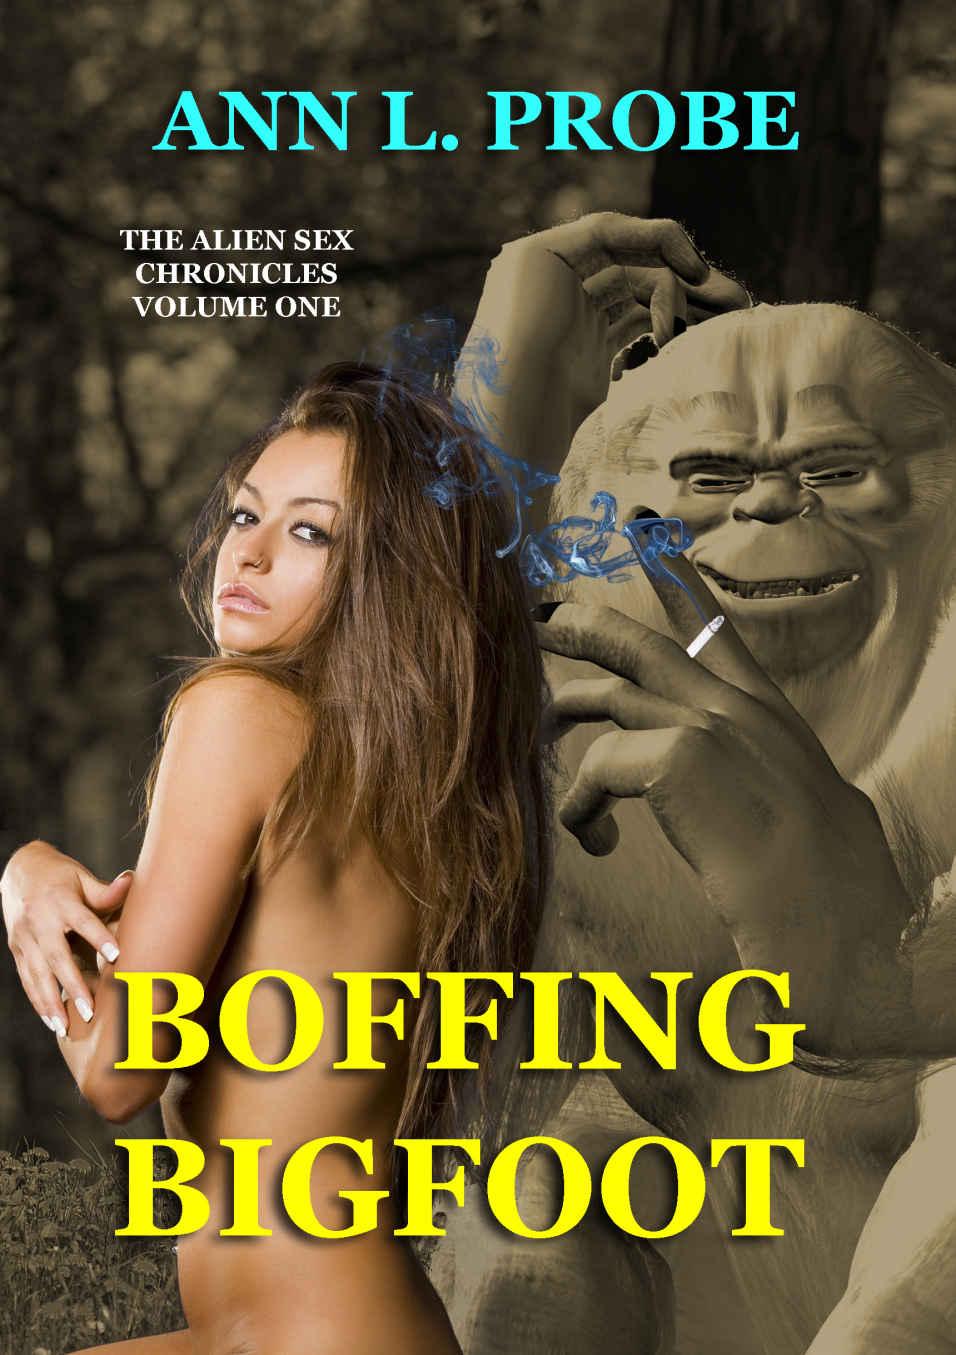 boffing bigfoot ann l. probe